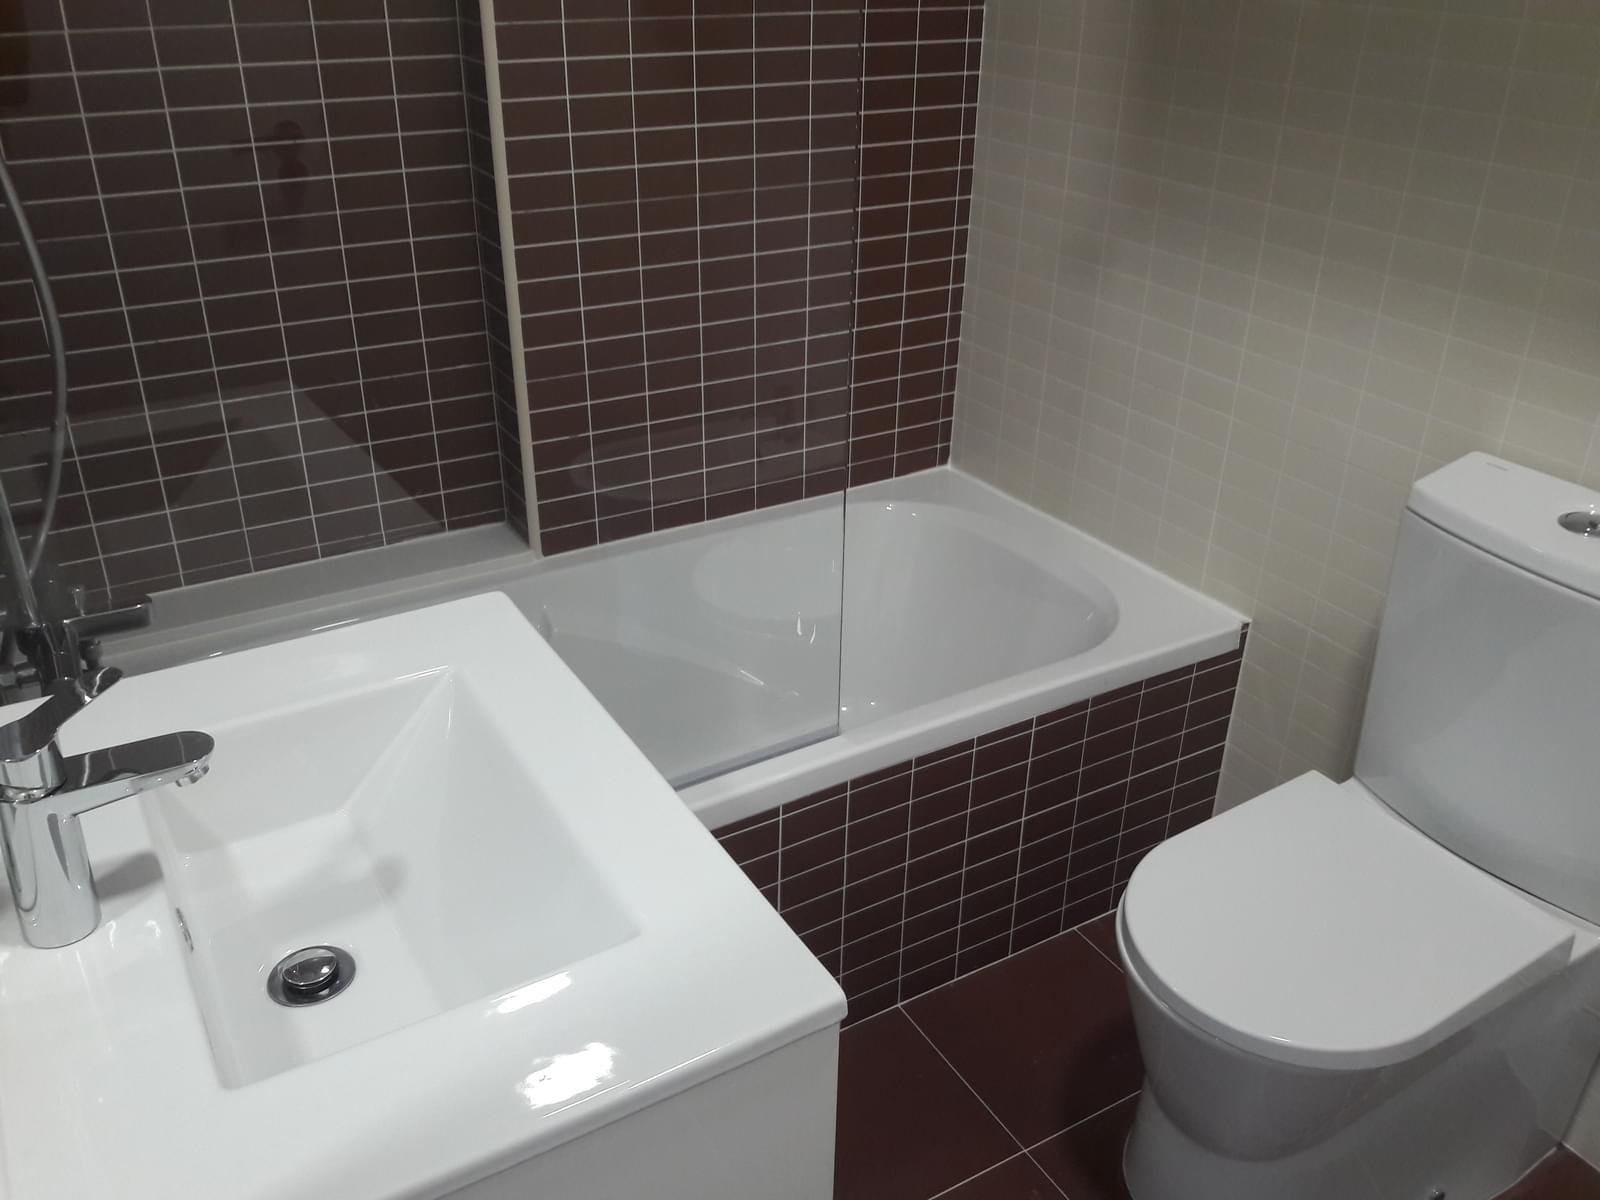 pf18025-apartamento-t3-f2758cfc-0227-4b52-8ca1-9f405aaeca37